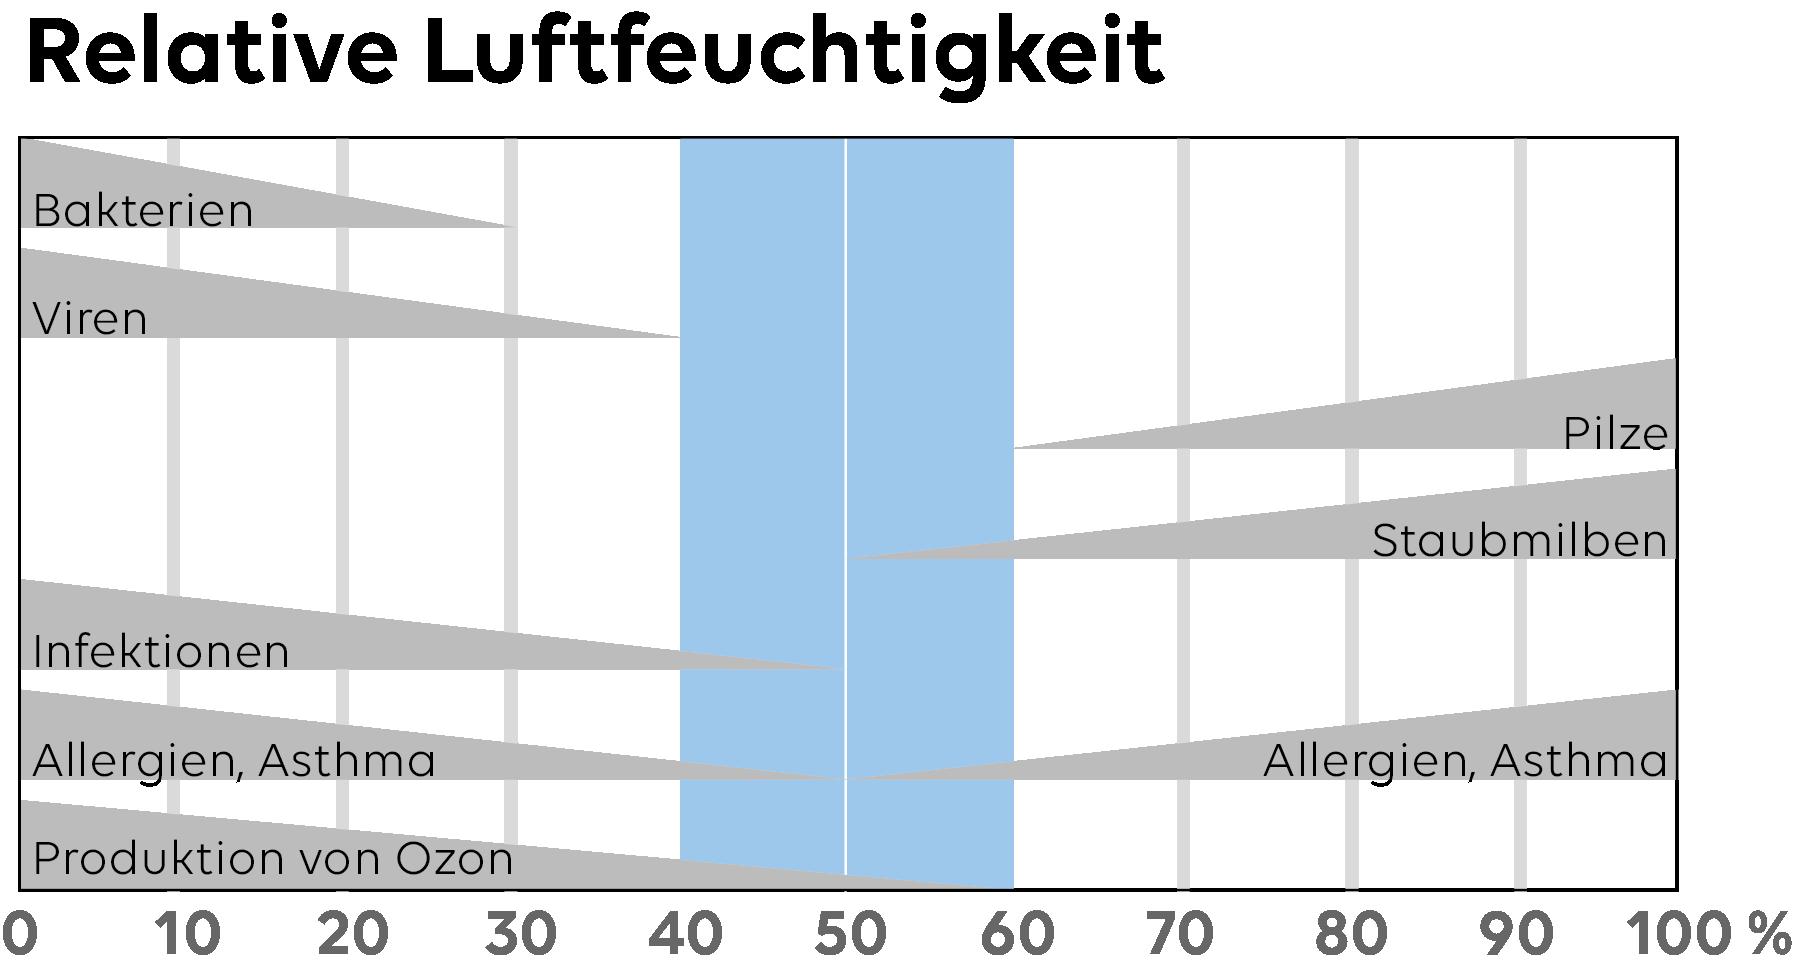 rel_luft